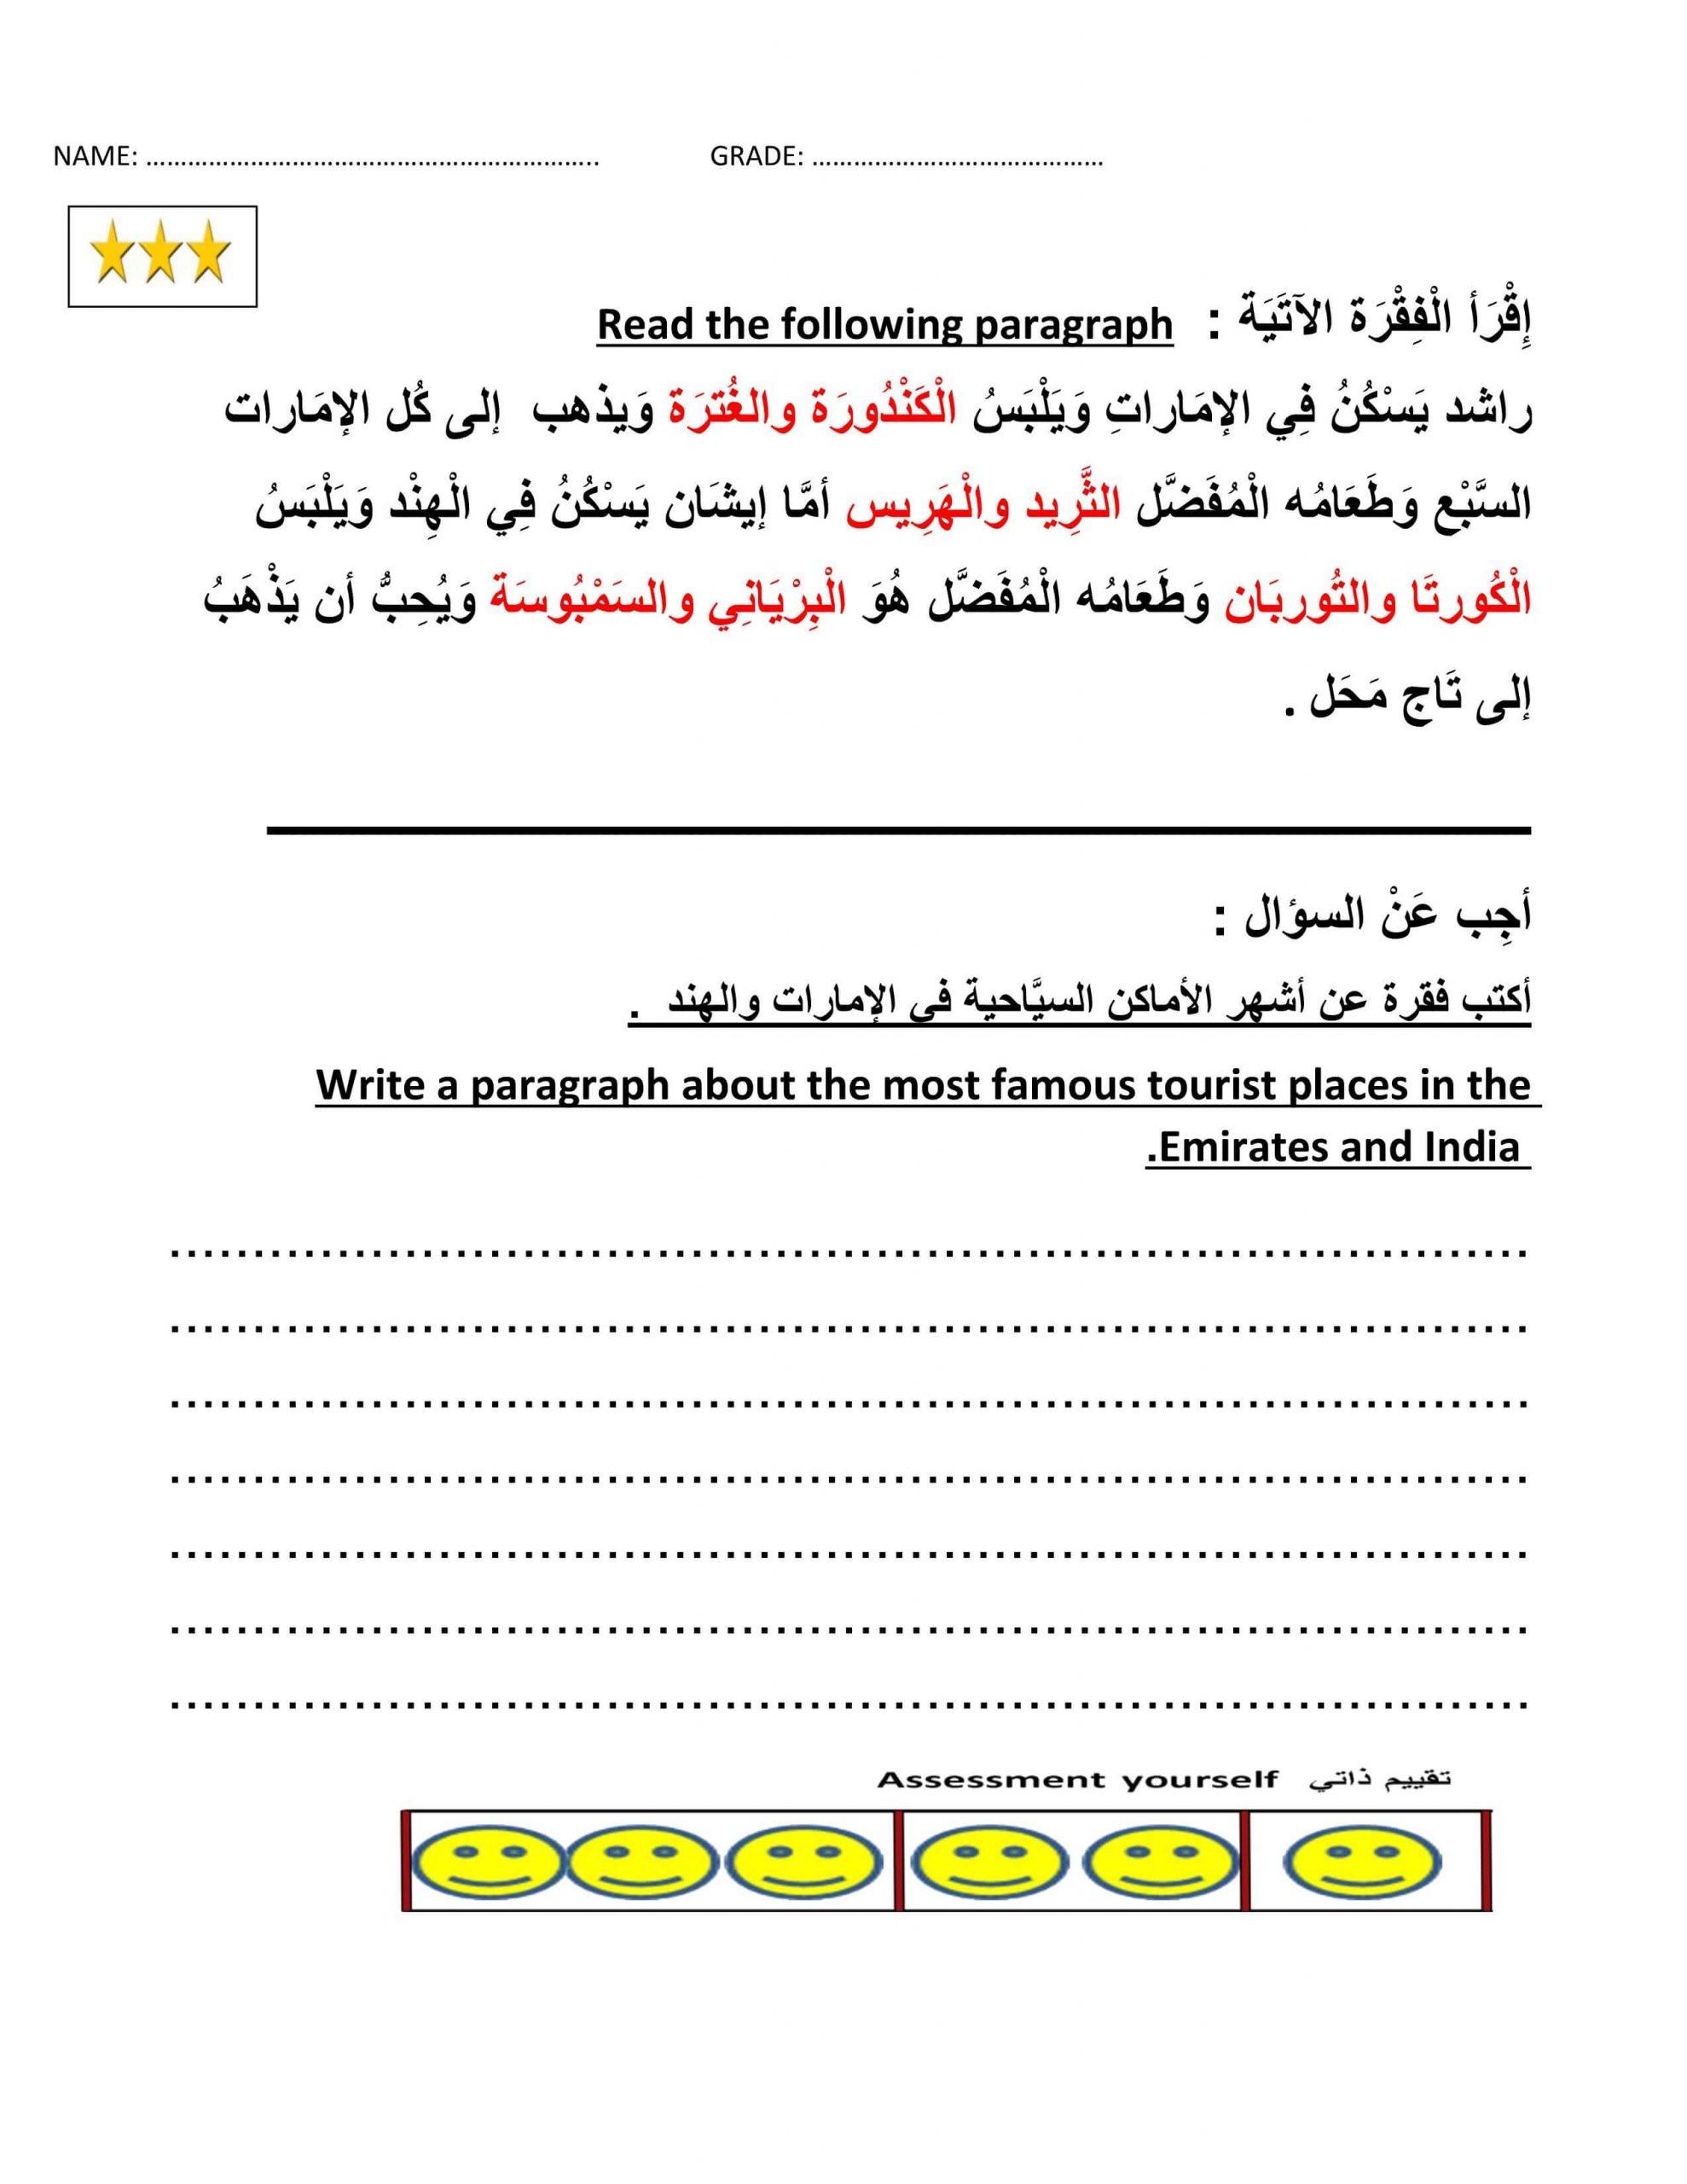 ورقة عمل حول الامارات لغير الناطقين بها للصف الرابع مادة اللغة العربية